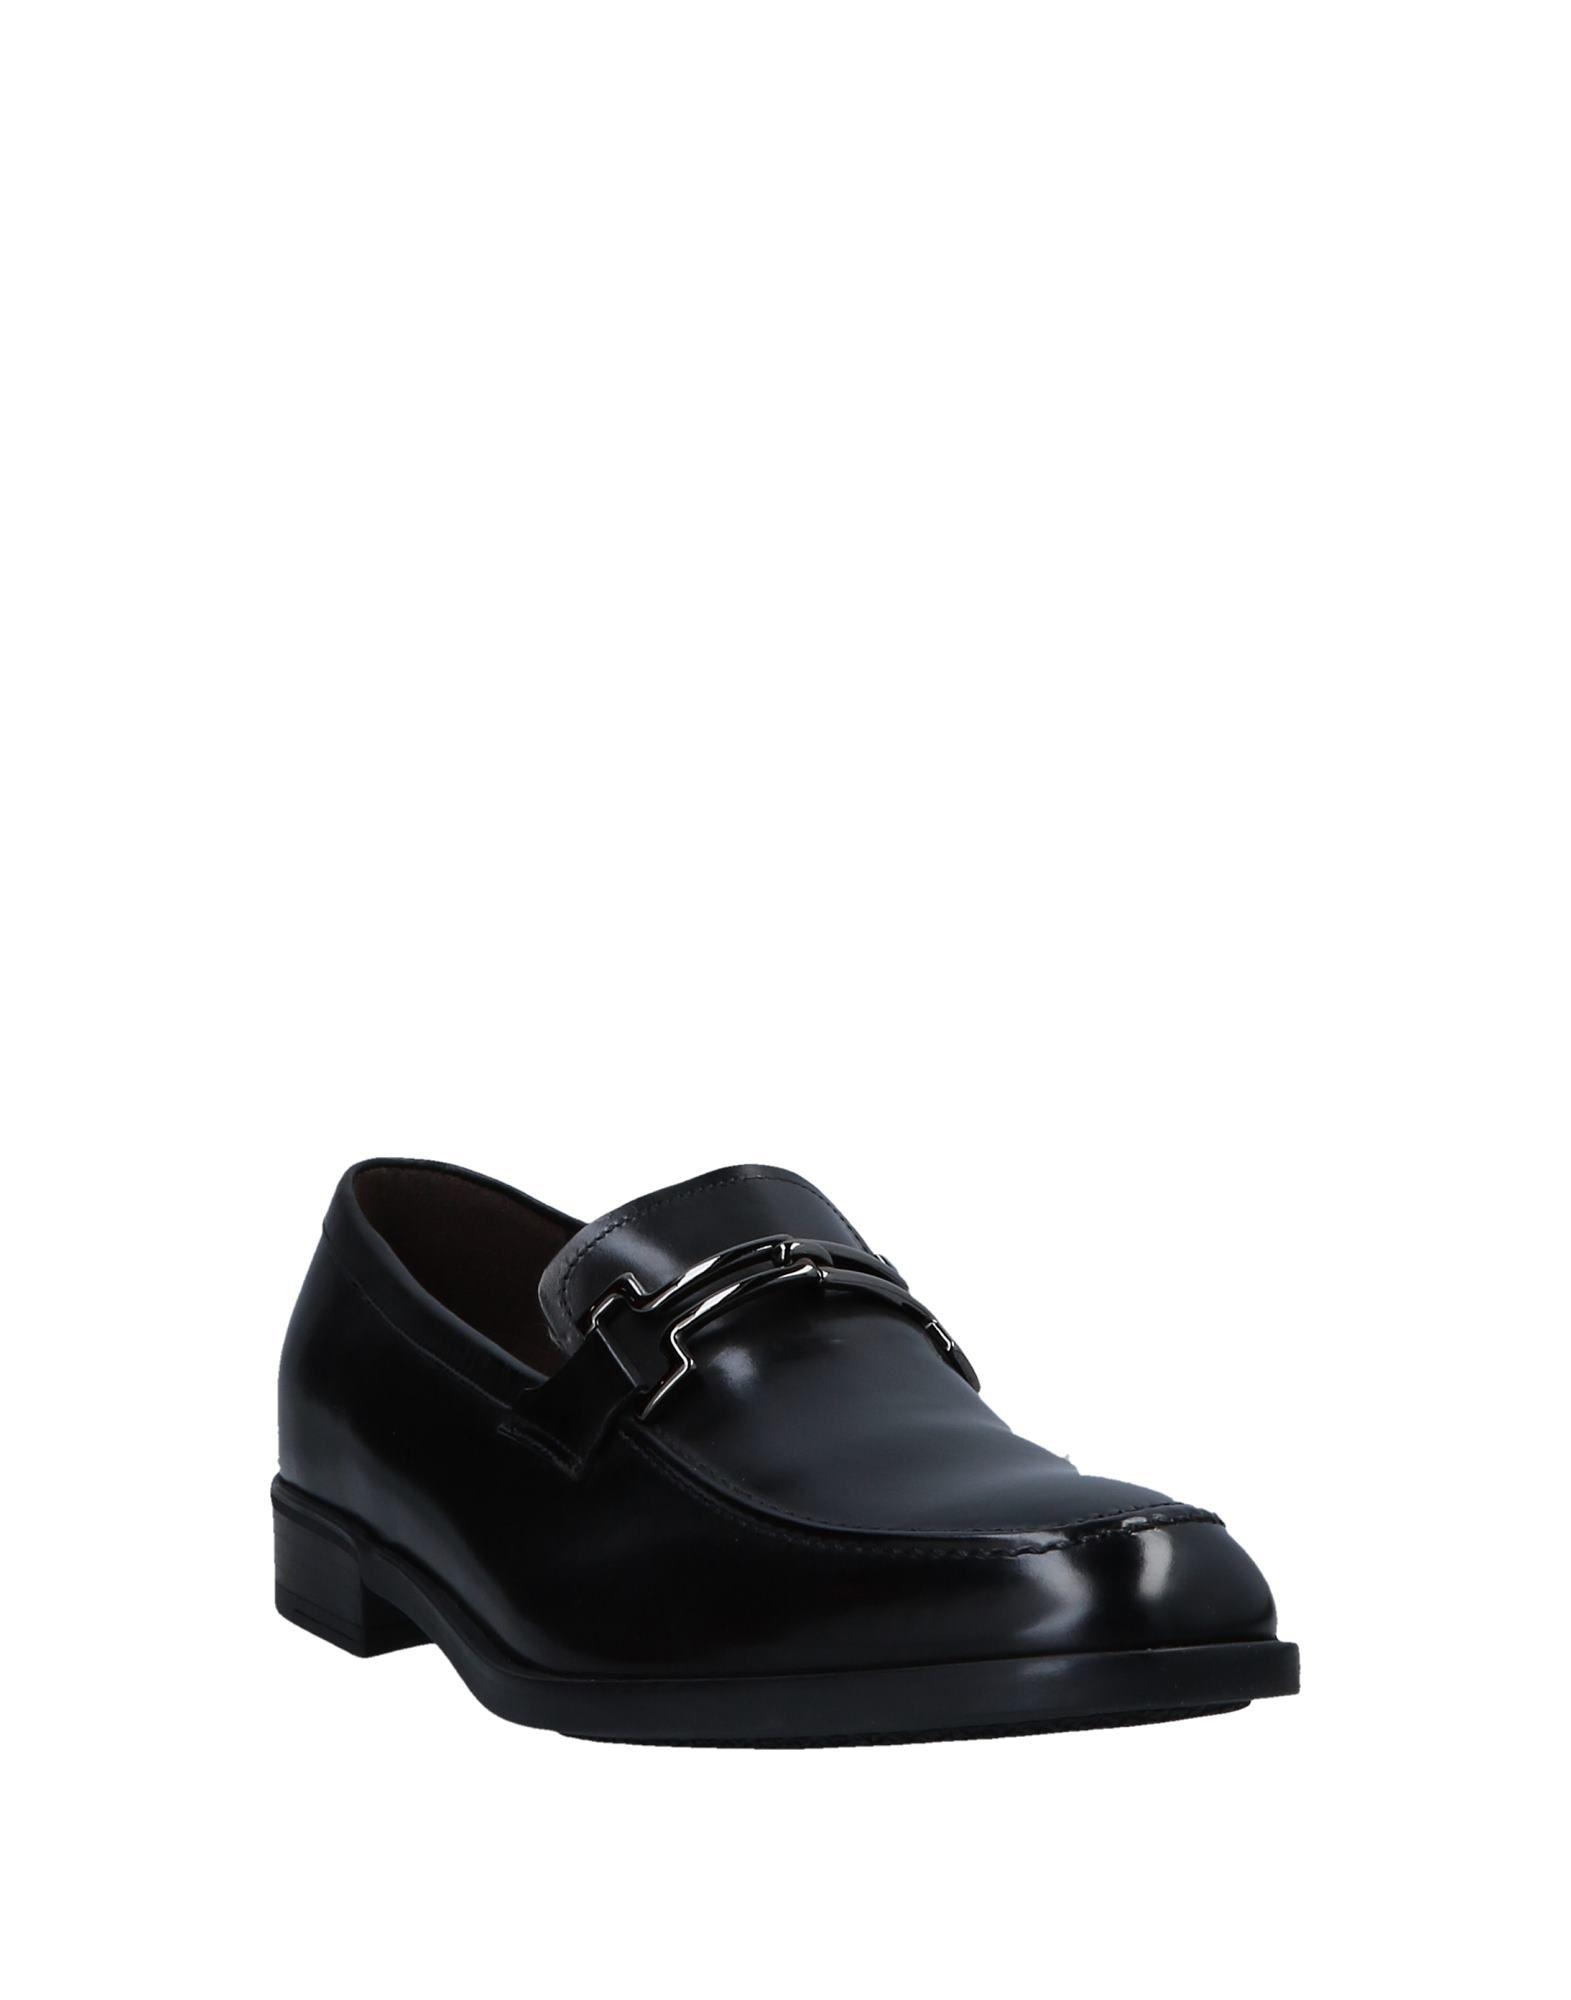 Fratelli Rossetti Mokassins Herren  Schuhe 11556593XQ Gute Qualität beliebte Schuhe  af9d7e